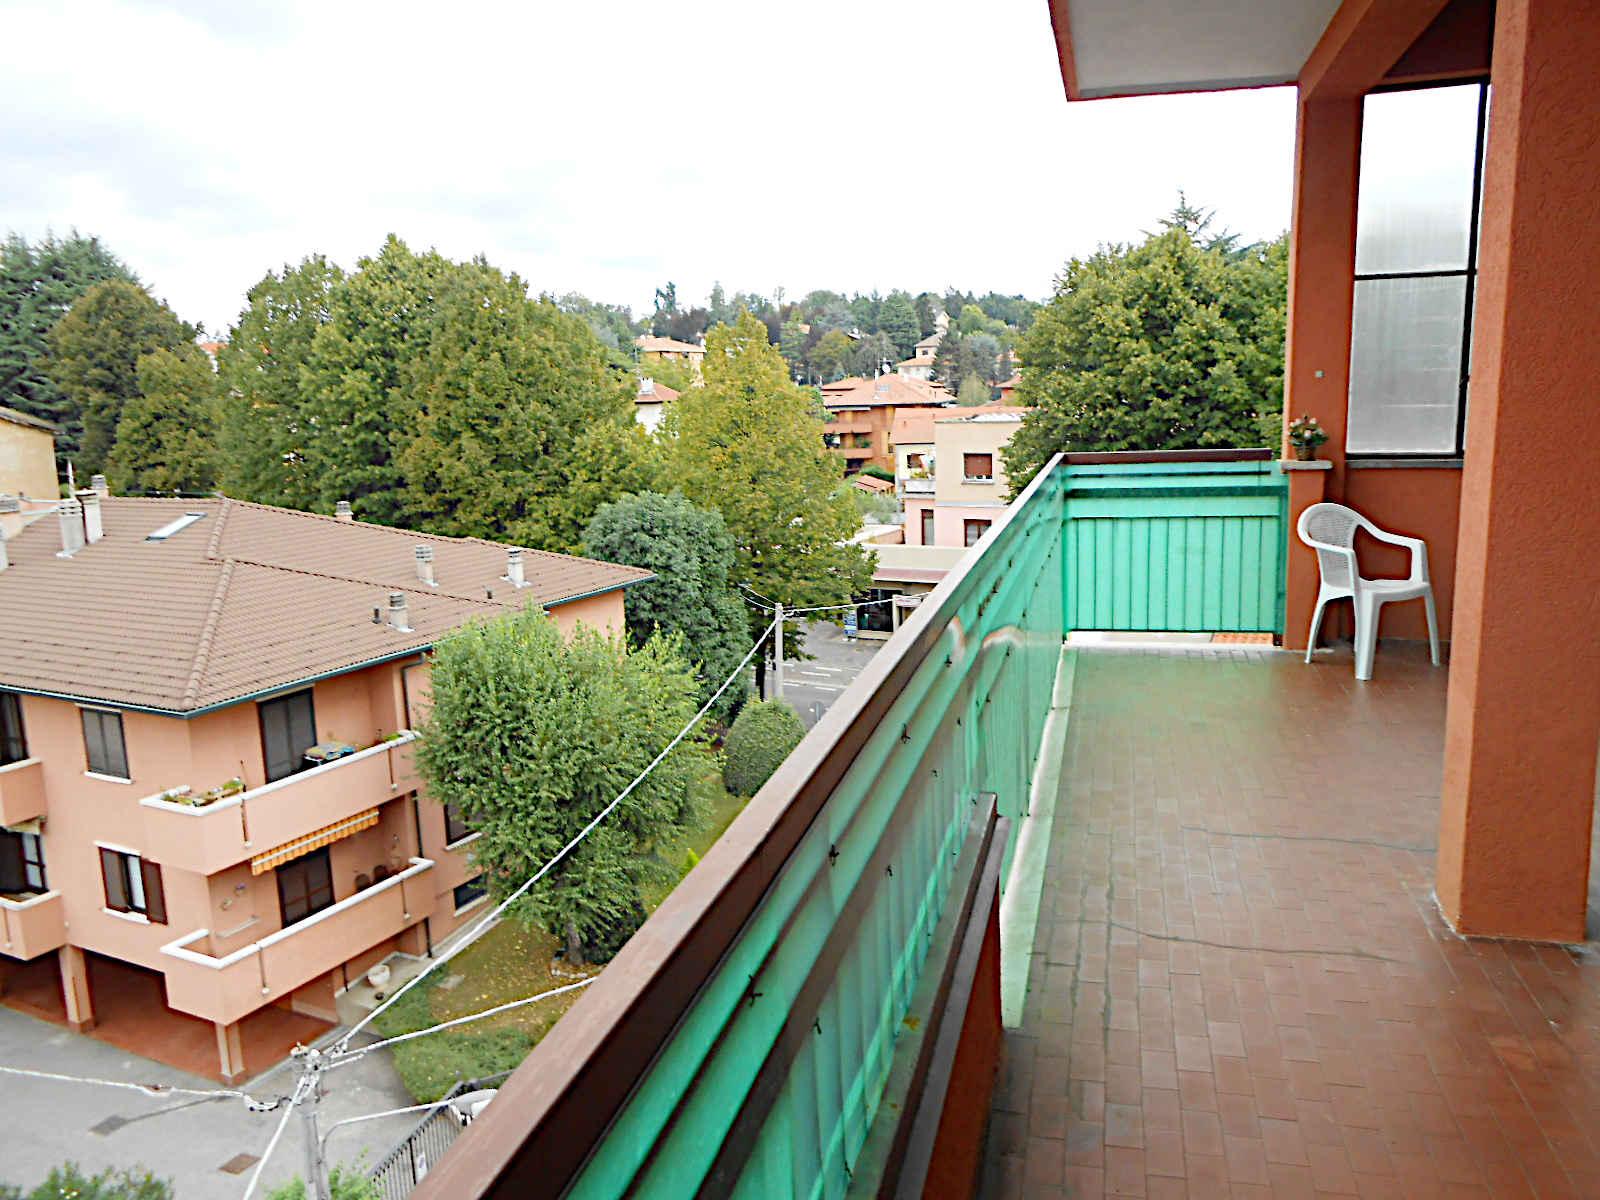 Appartamento in vendita a Tradate, 3 locali, prezzo € 83.000 | PortaleAgenzieImmobiliari.it